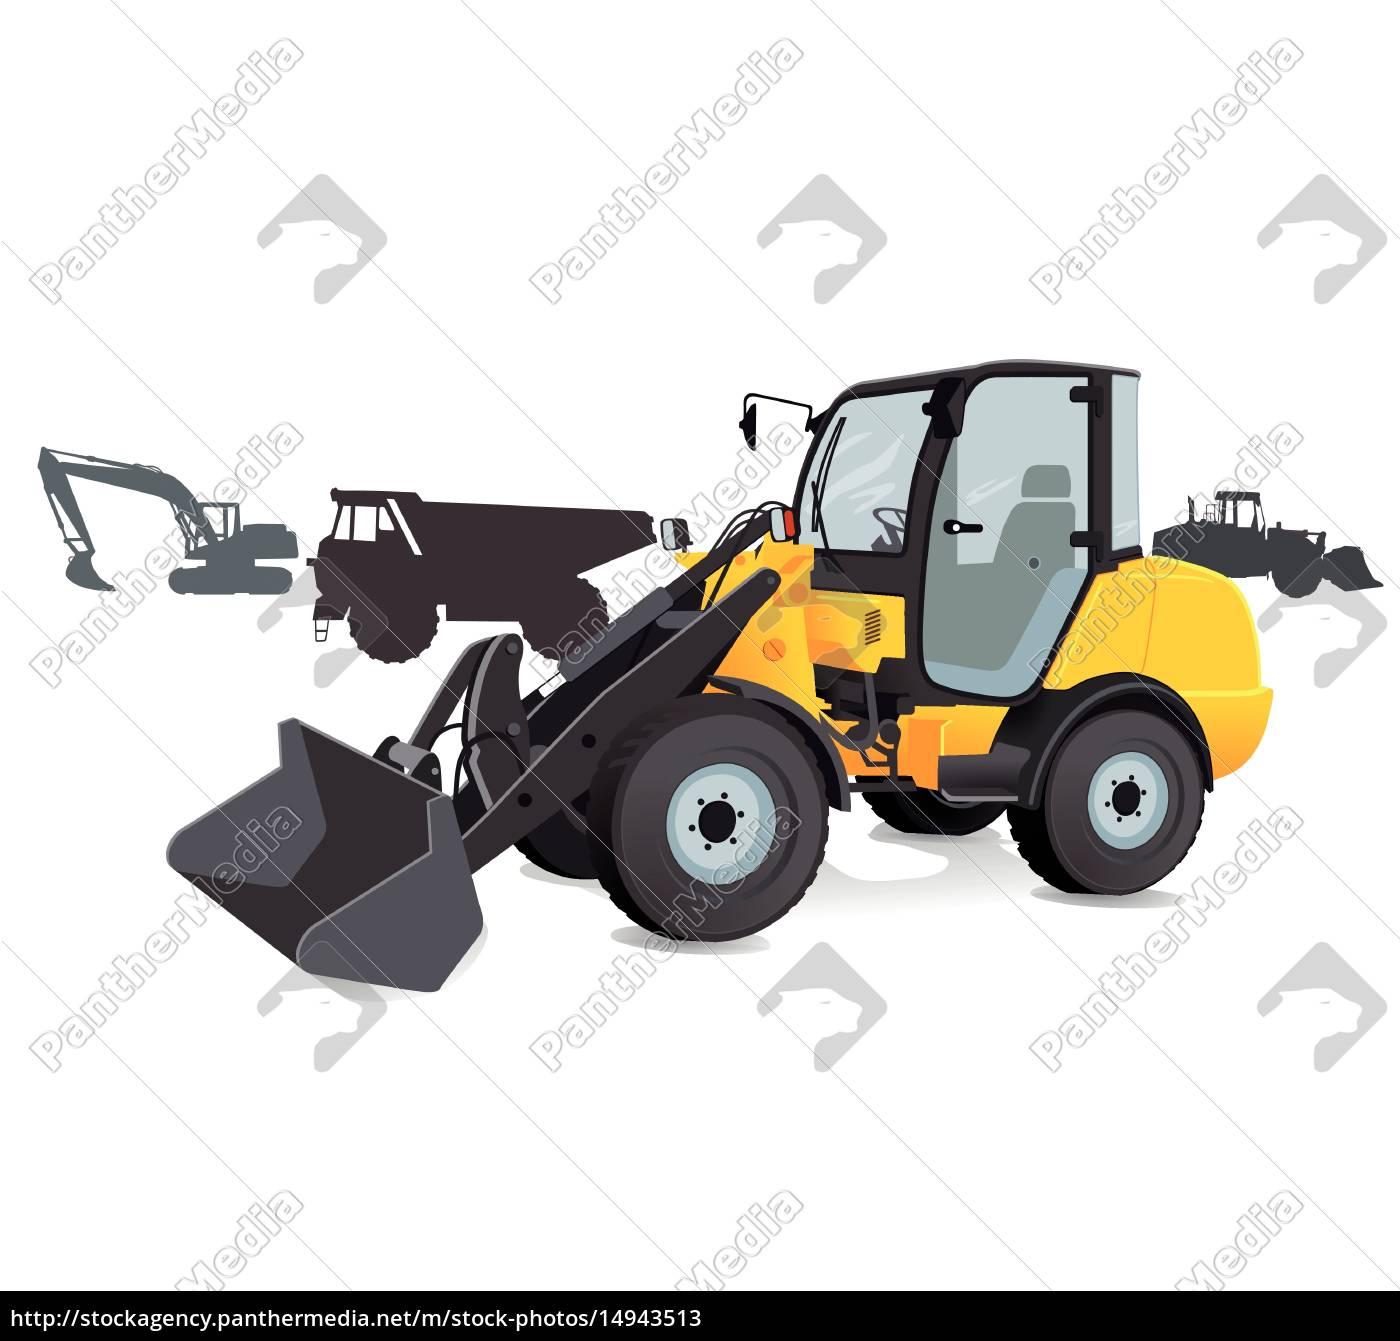 construction, -, shovels, excavators, trucks, - 14943513